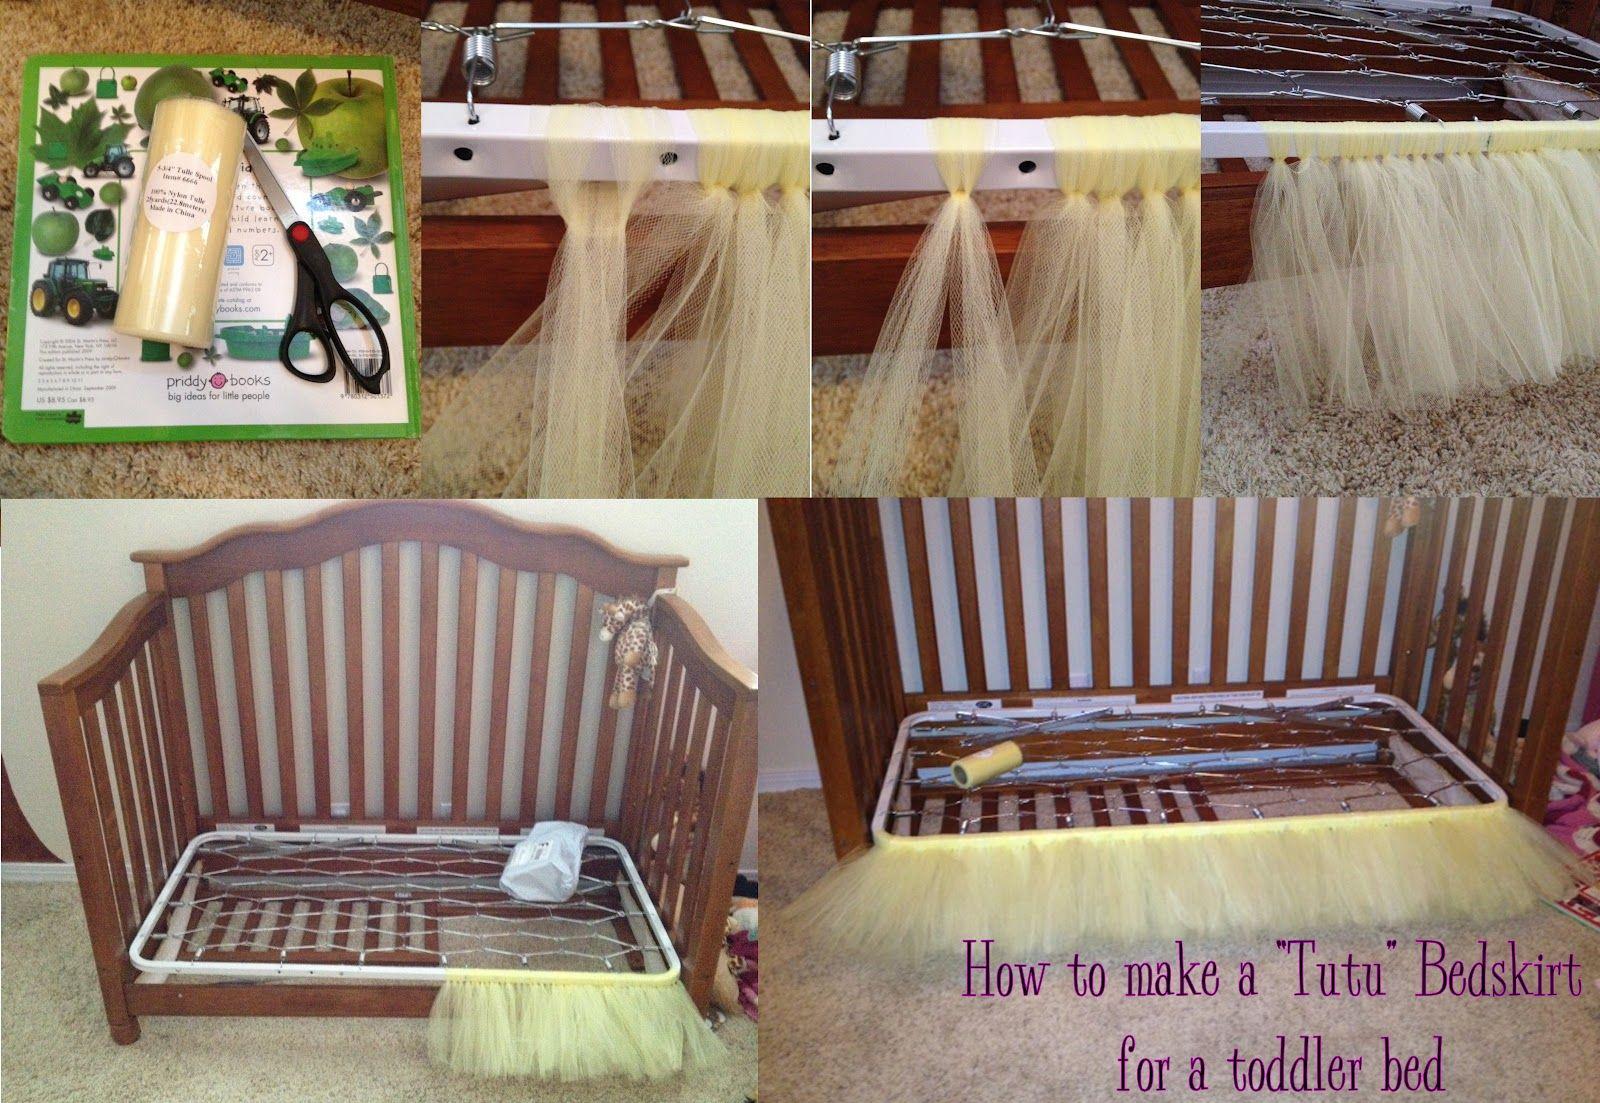 DIY Tutu Bedskirt For A Toddler Bed. 8/19/2015: FYI I